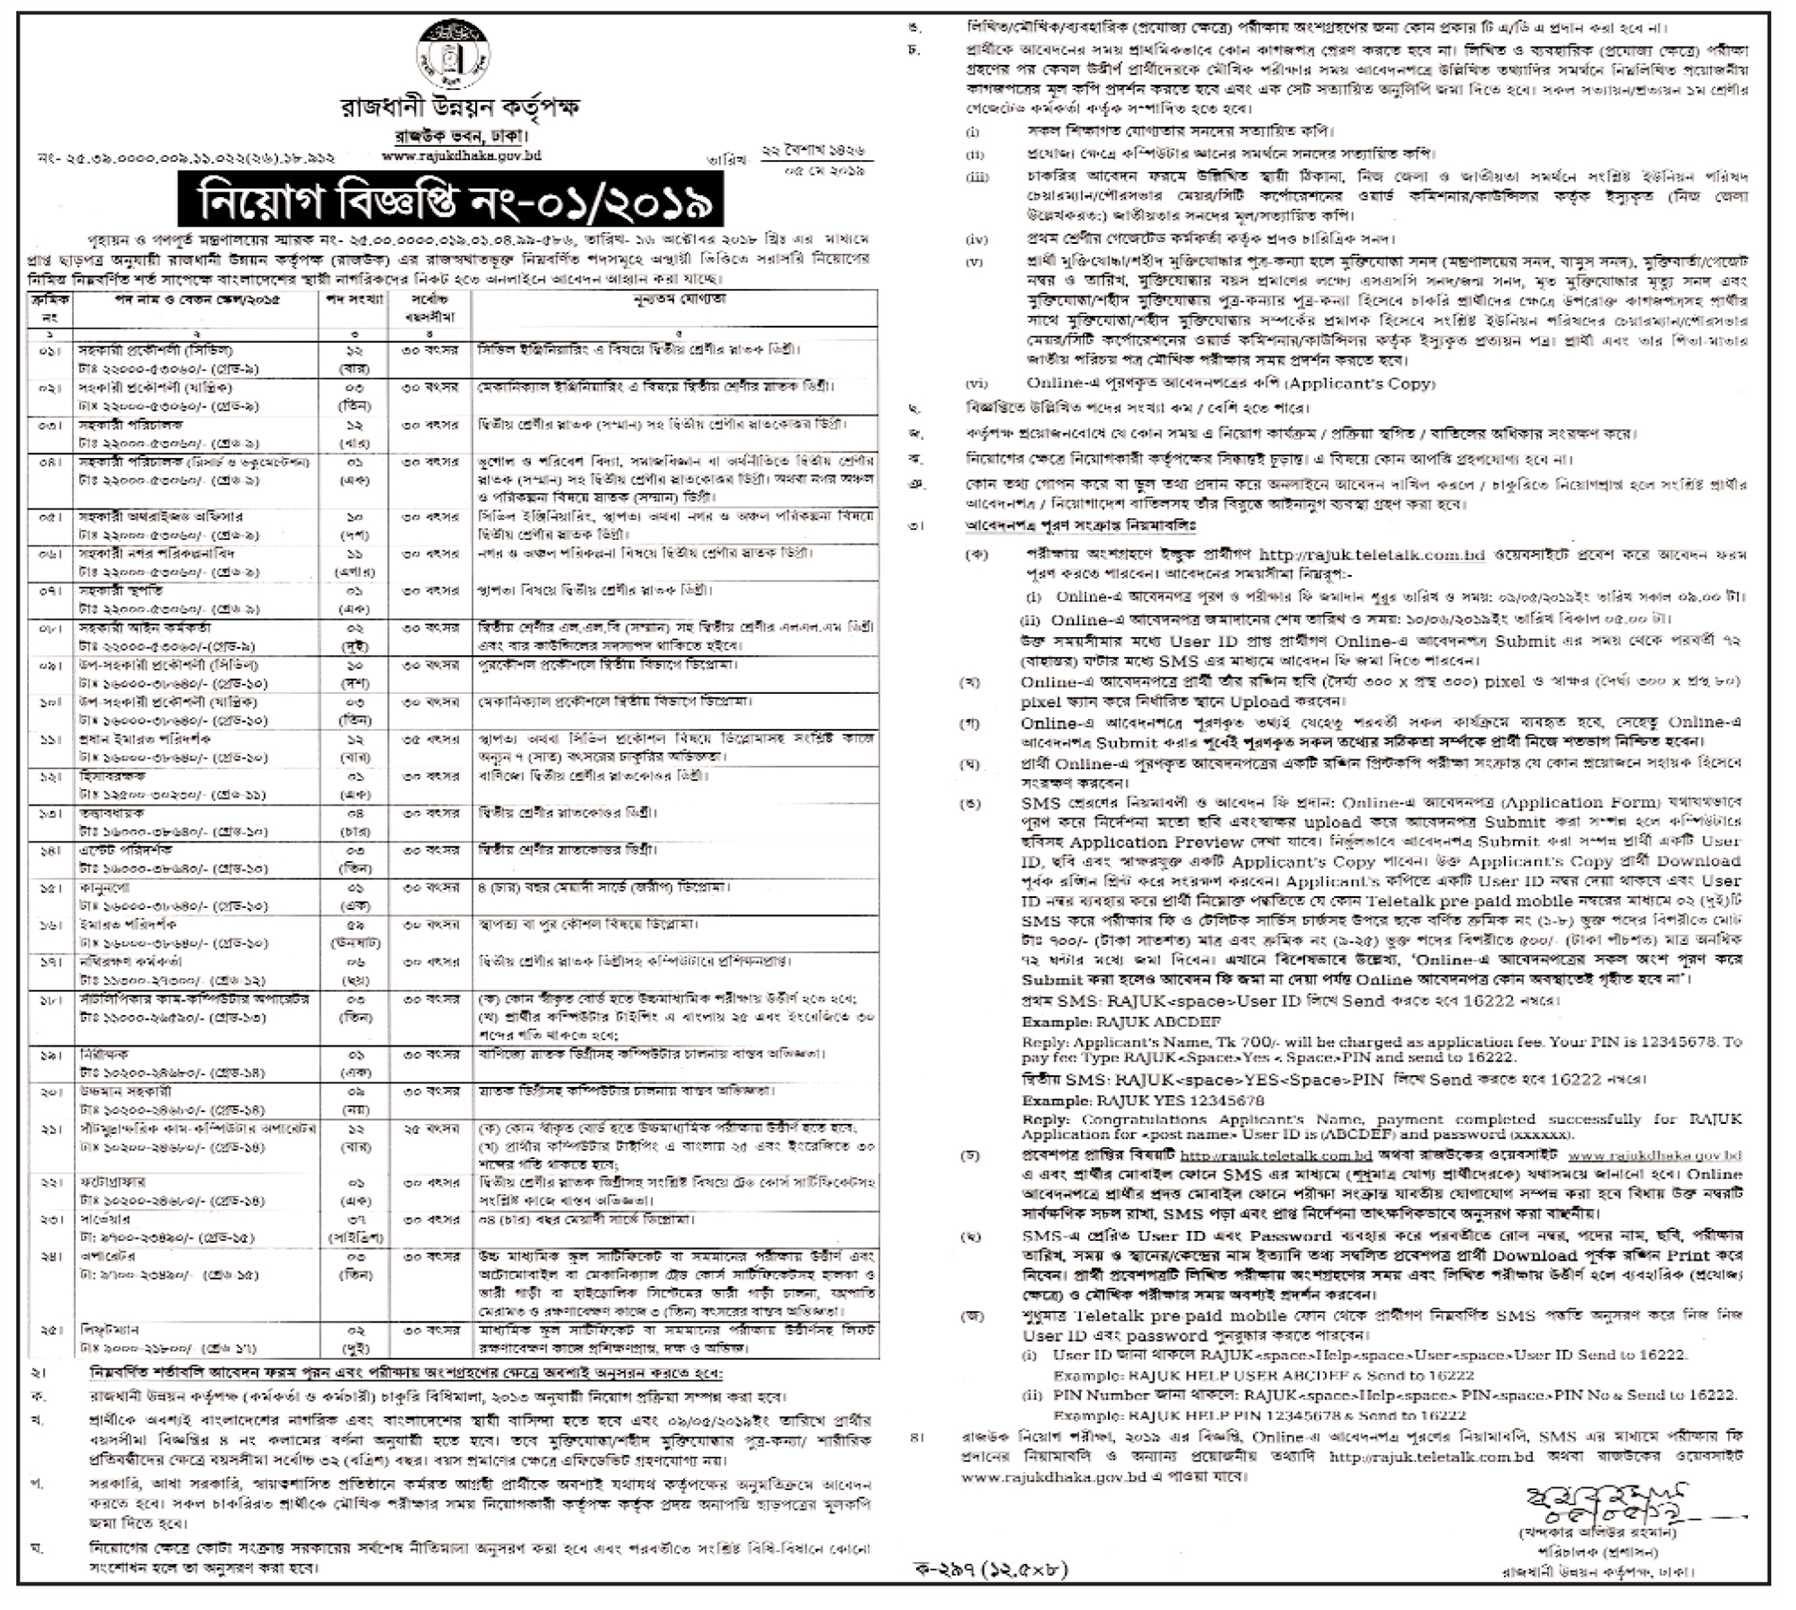 RAJUK Job Circular 2019| BD Jobs Careers